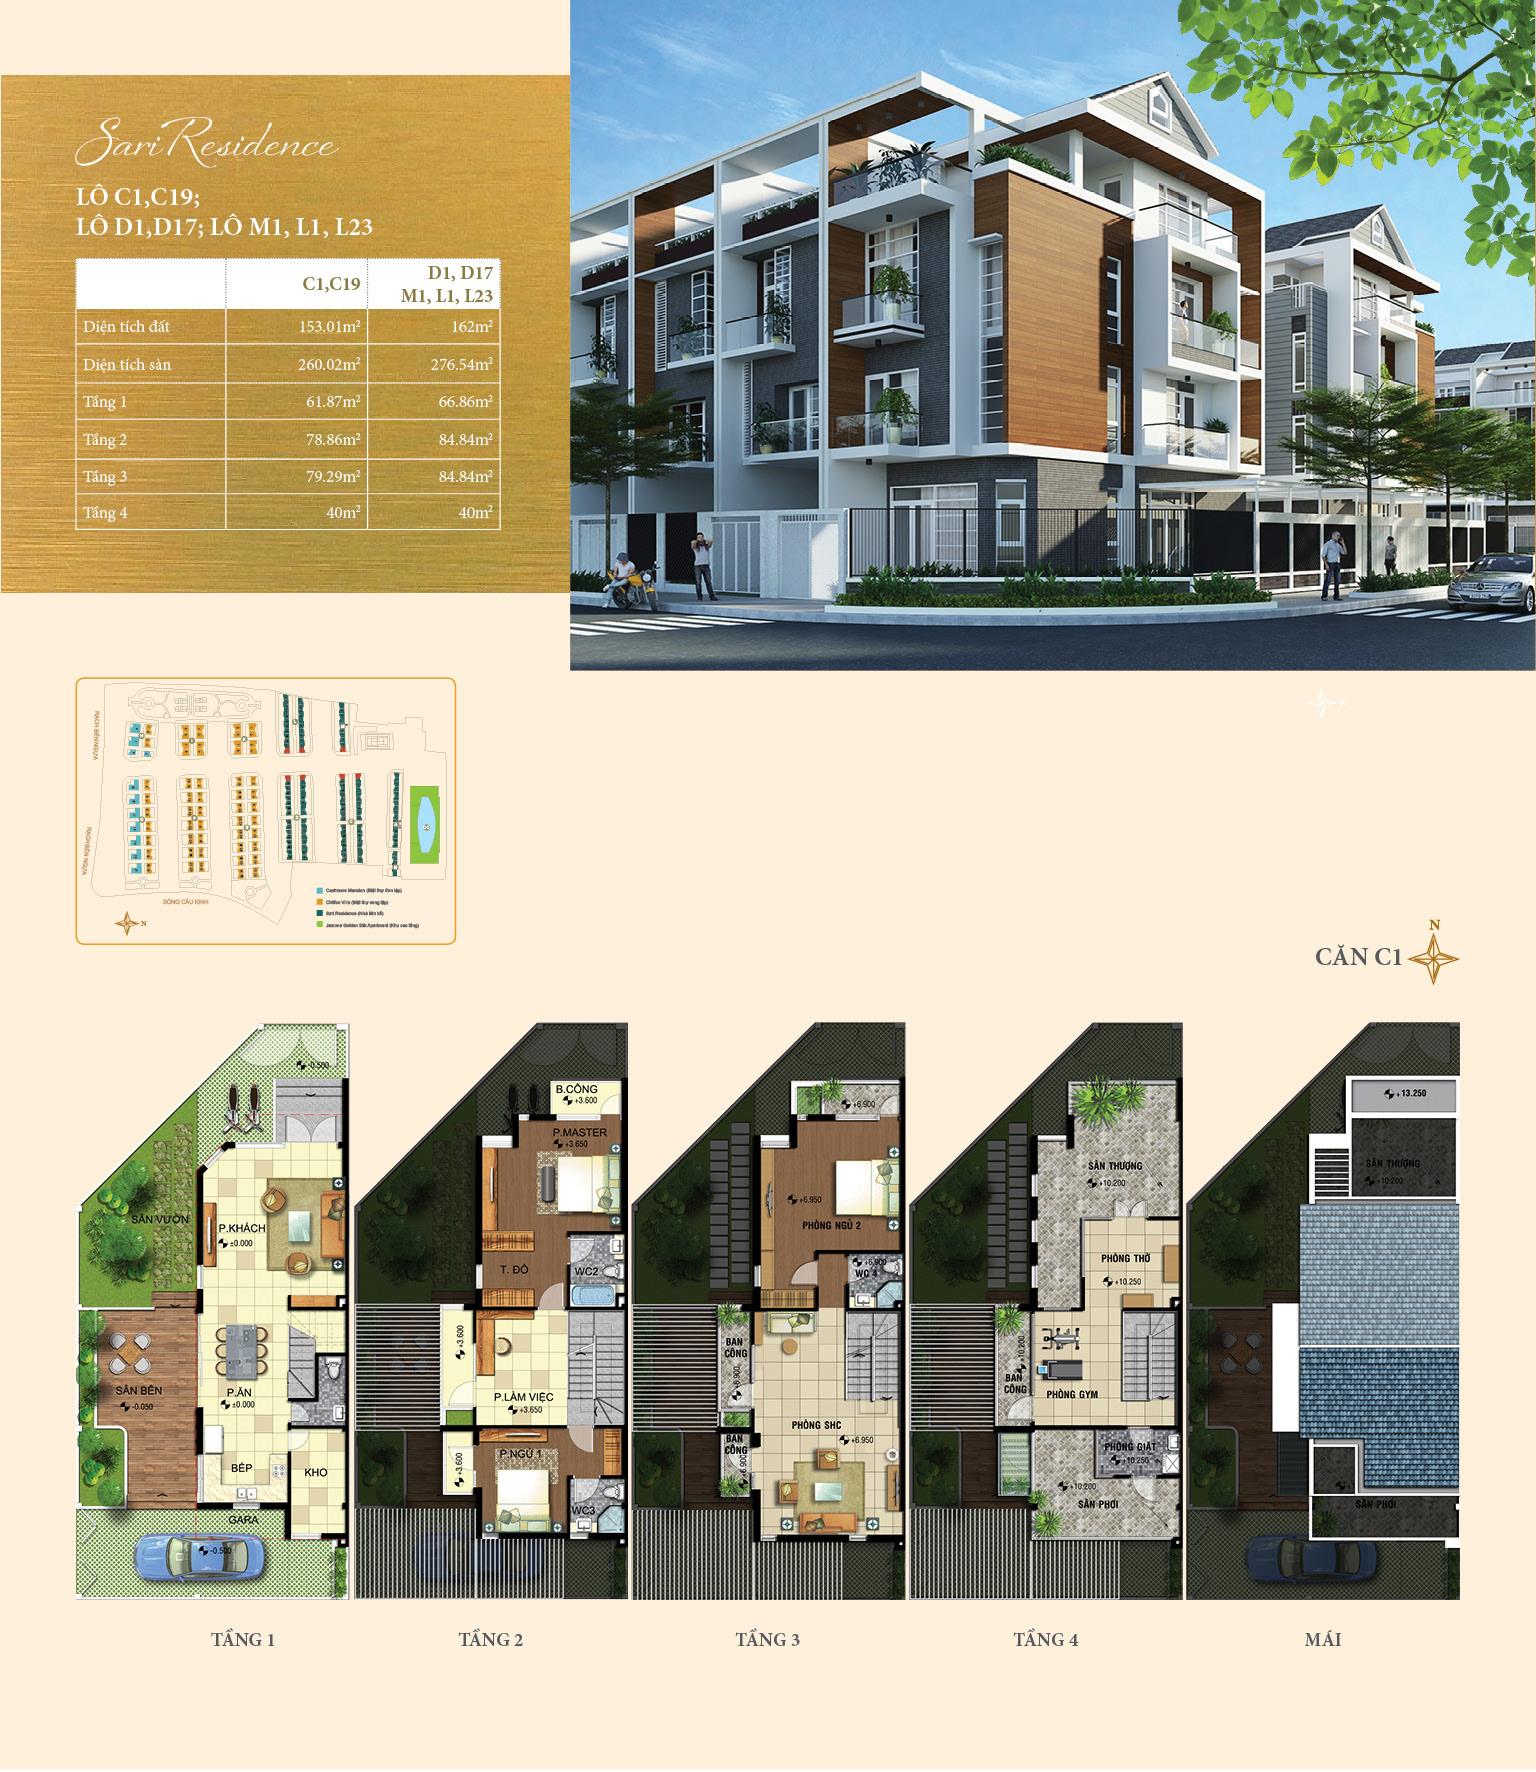 sari-residence-c1